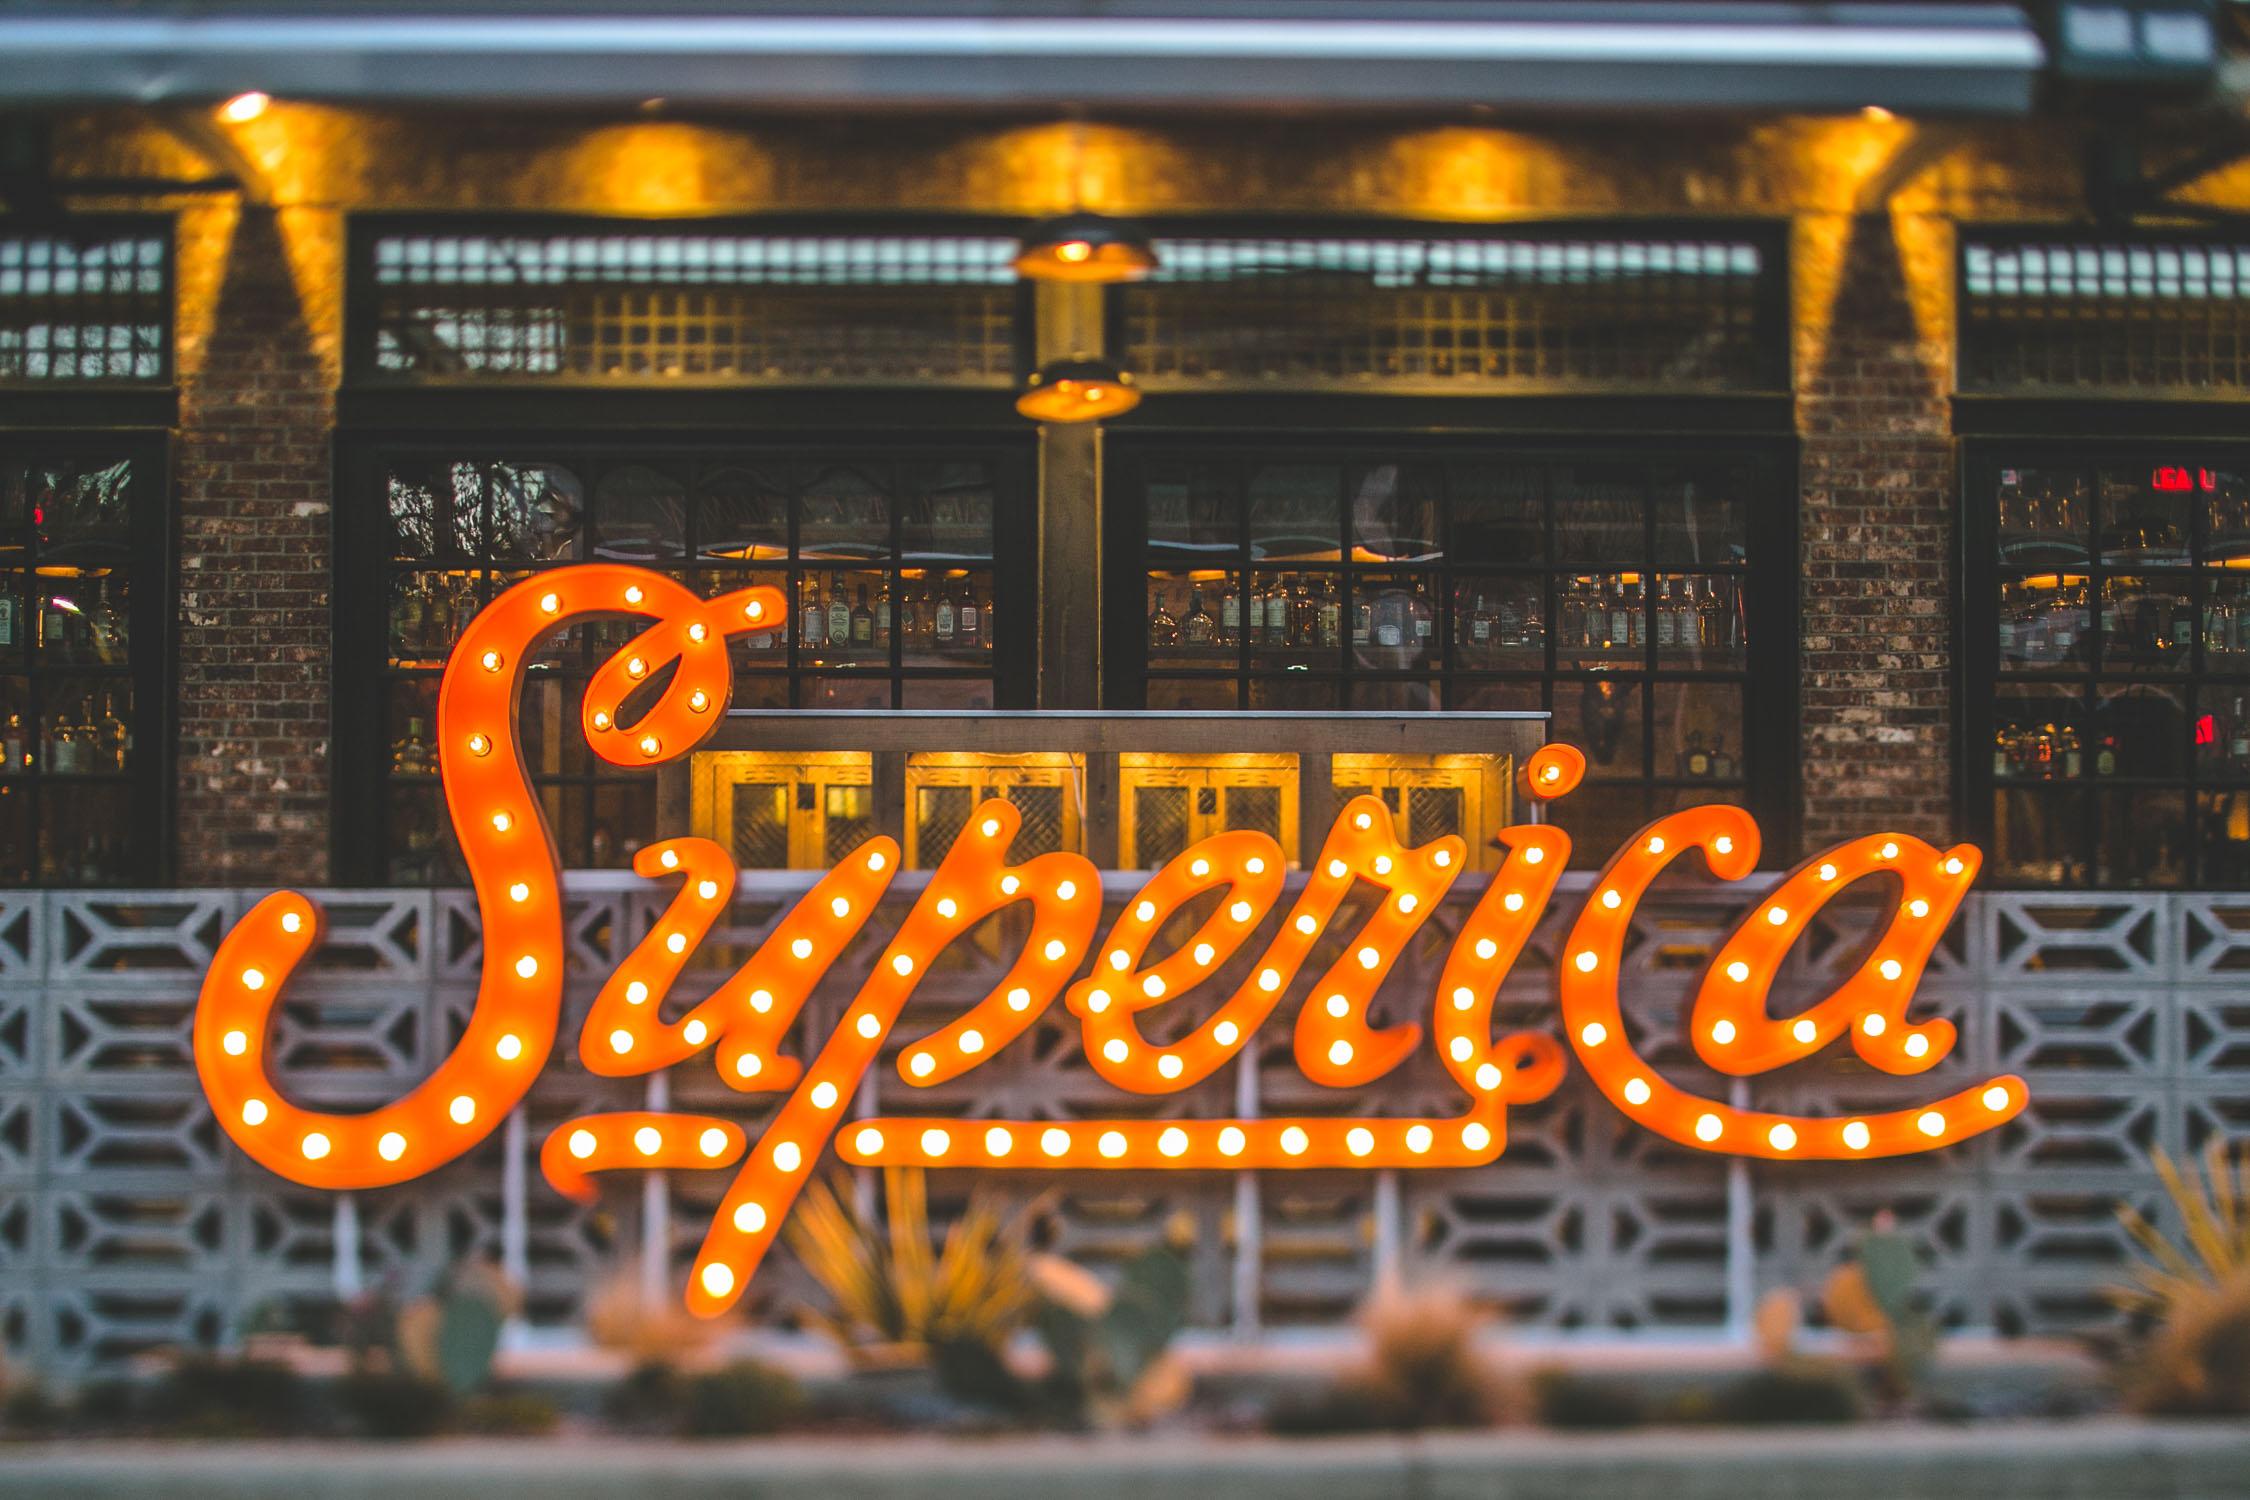 Superica-Atlanta-Neon Sign-Erik-Meadows